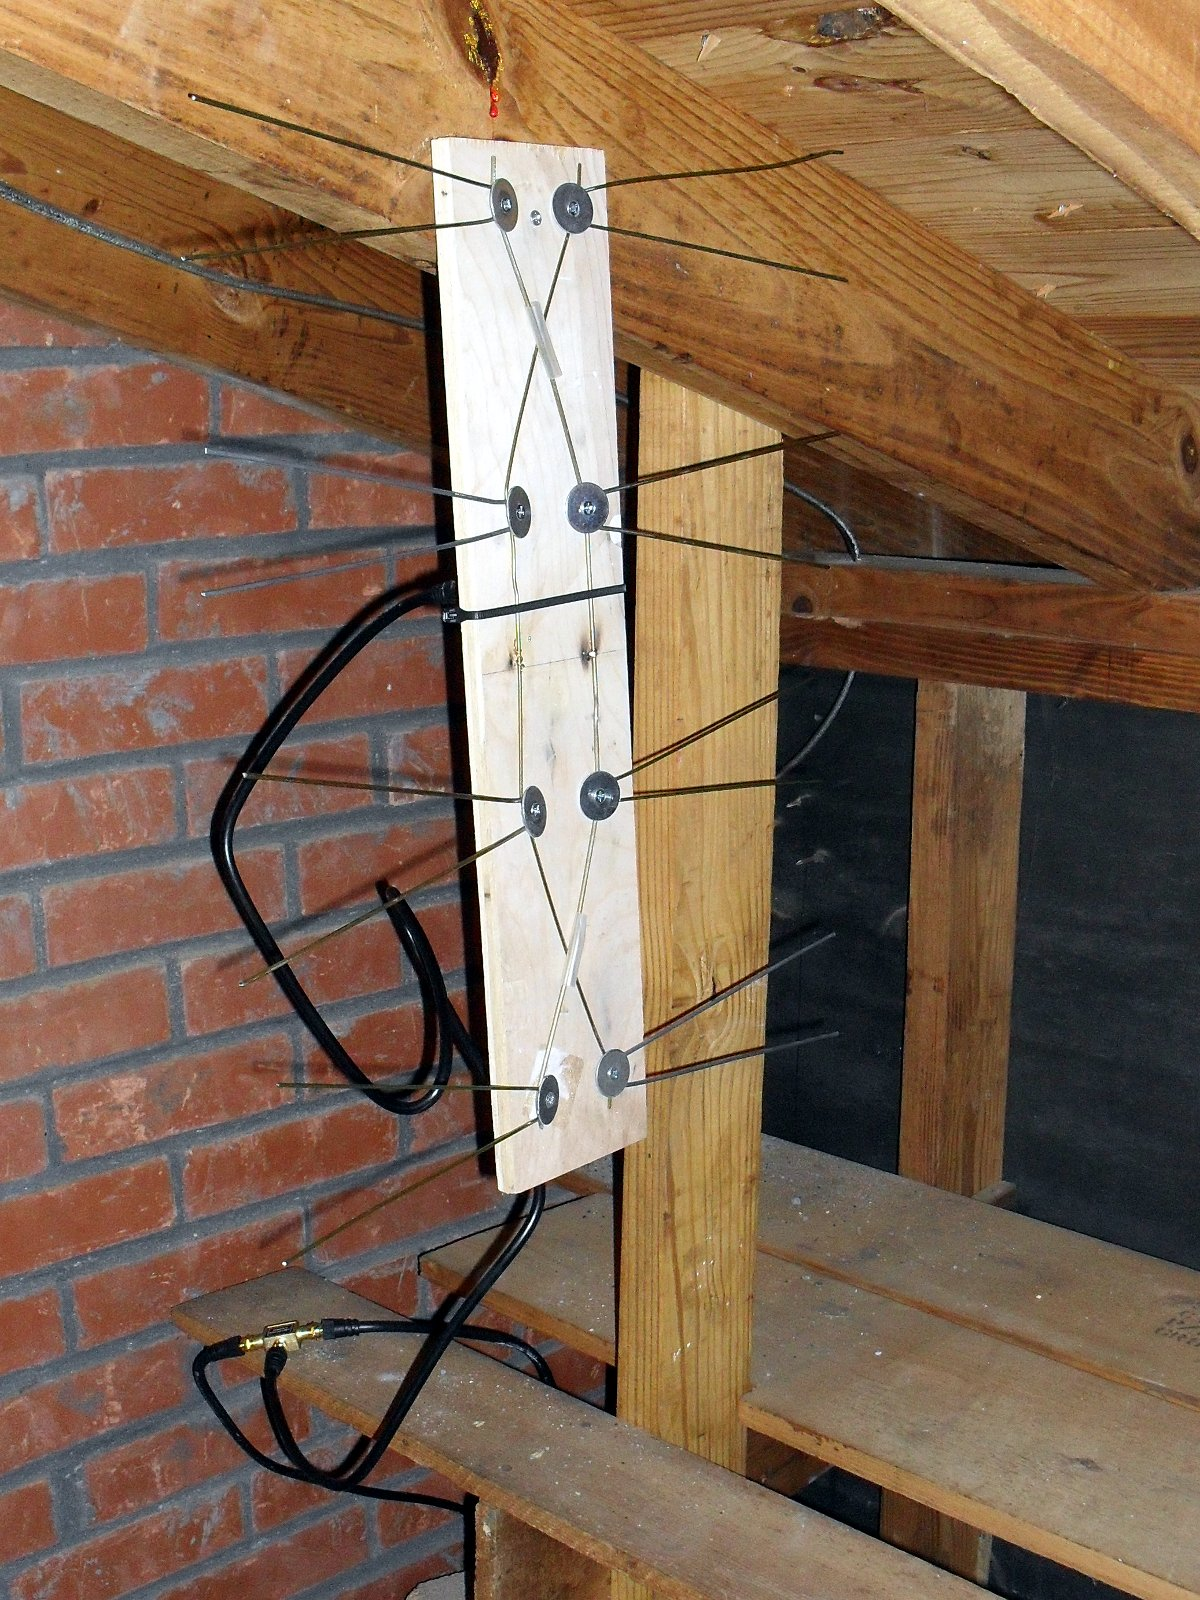 Building An Ota Hdtv Antenna Jay39s Technical Talk